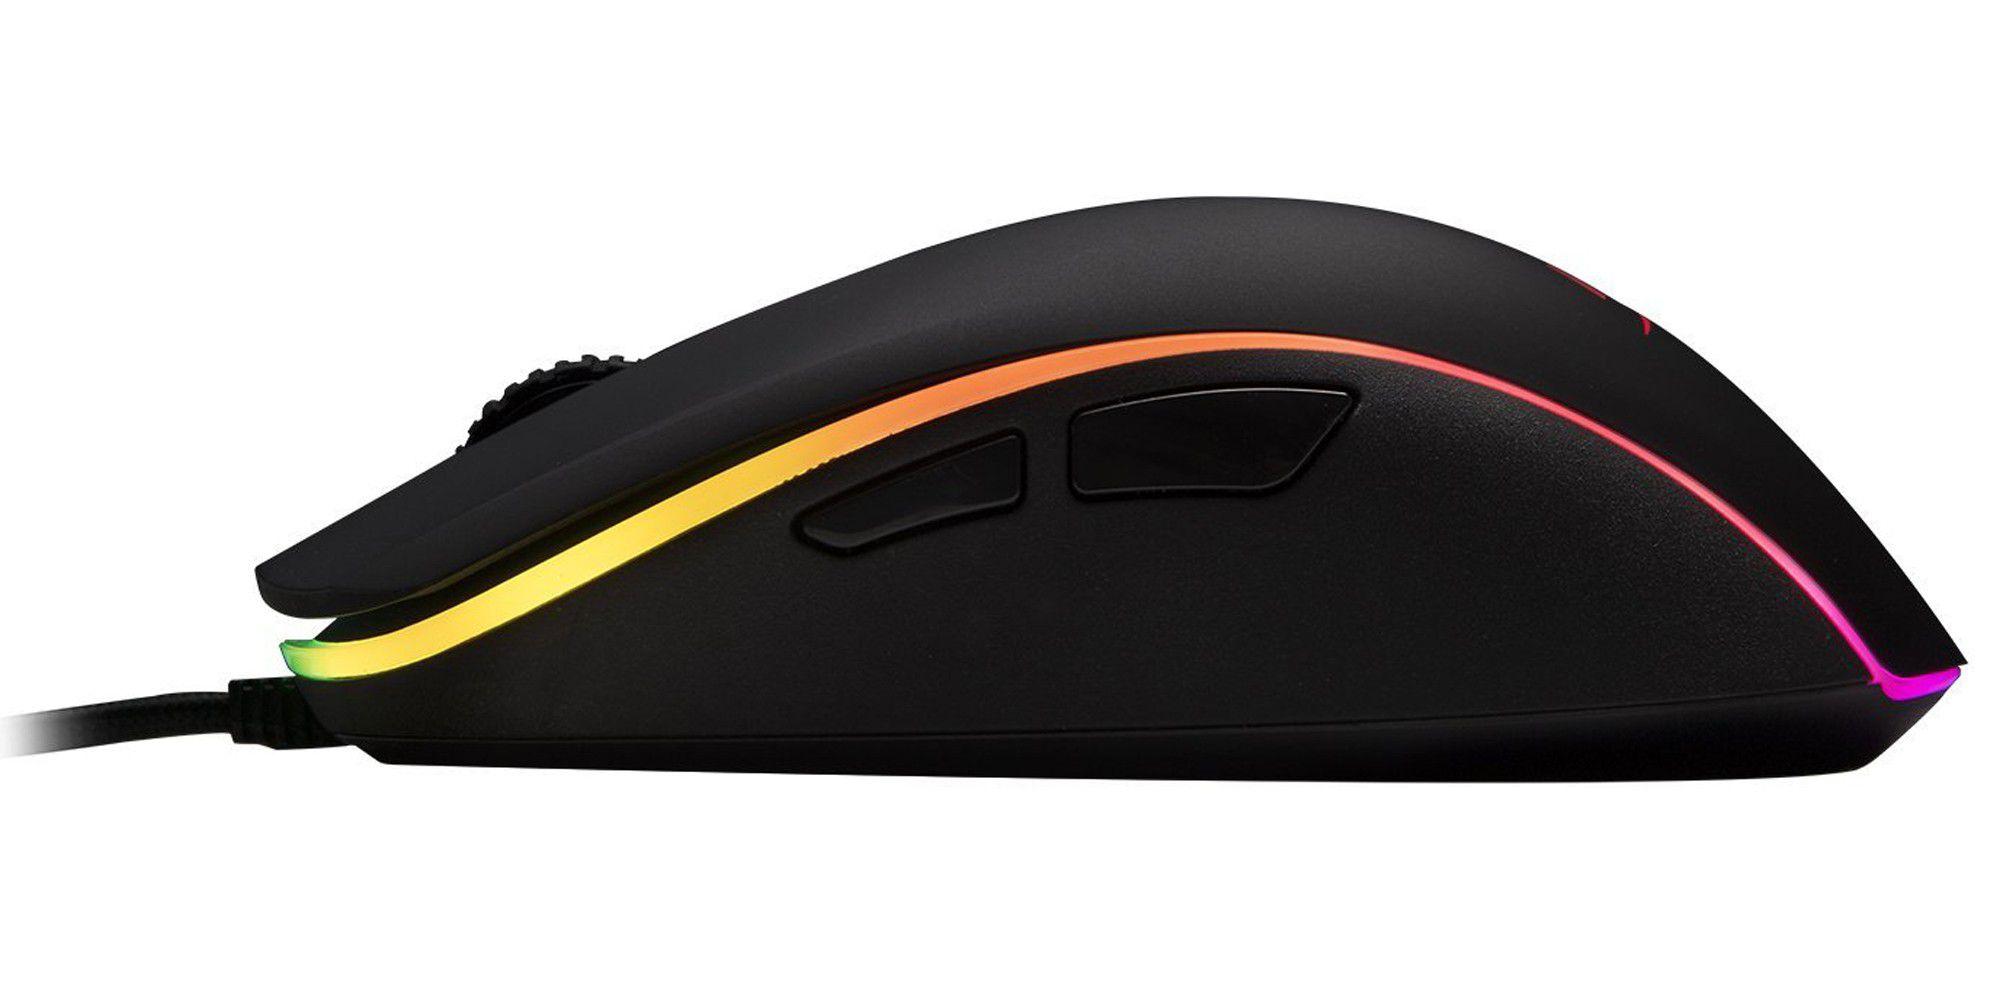 HyperX Pulsefire Surge RGB im Test: Gaming-Maus mit 360°-Beleuchtung ...